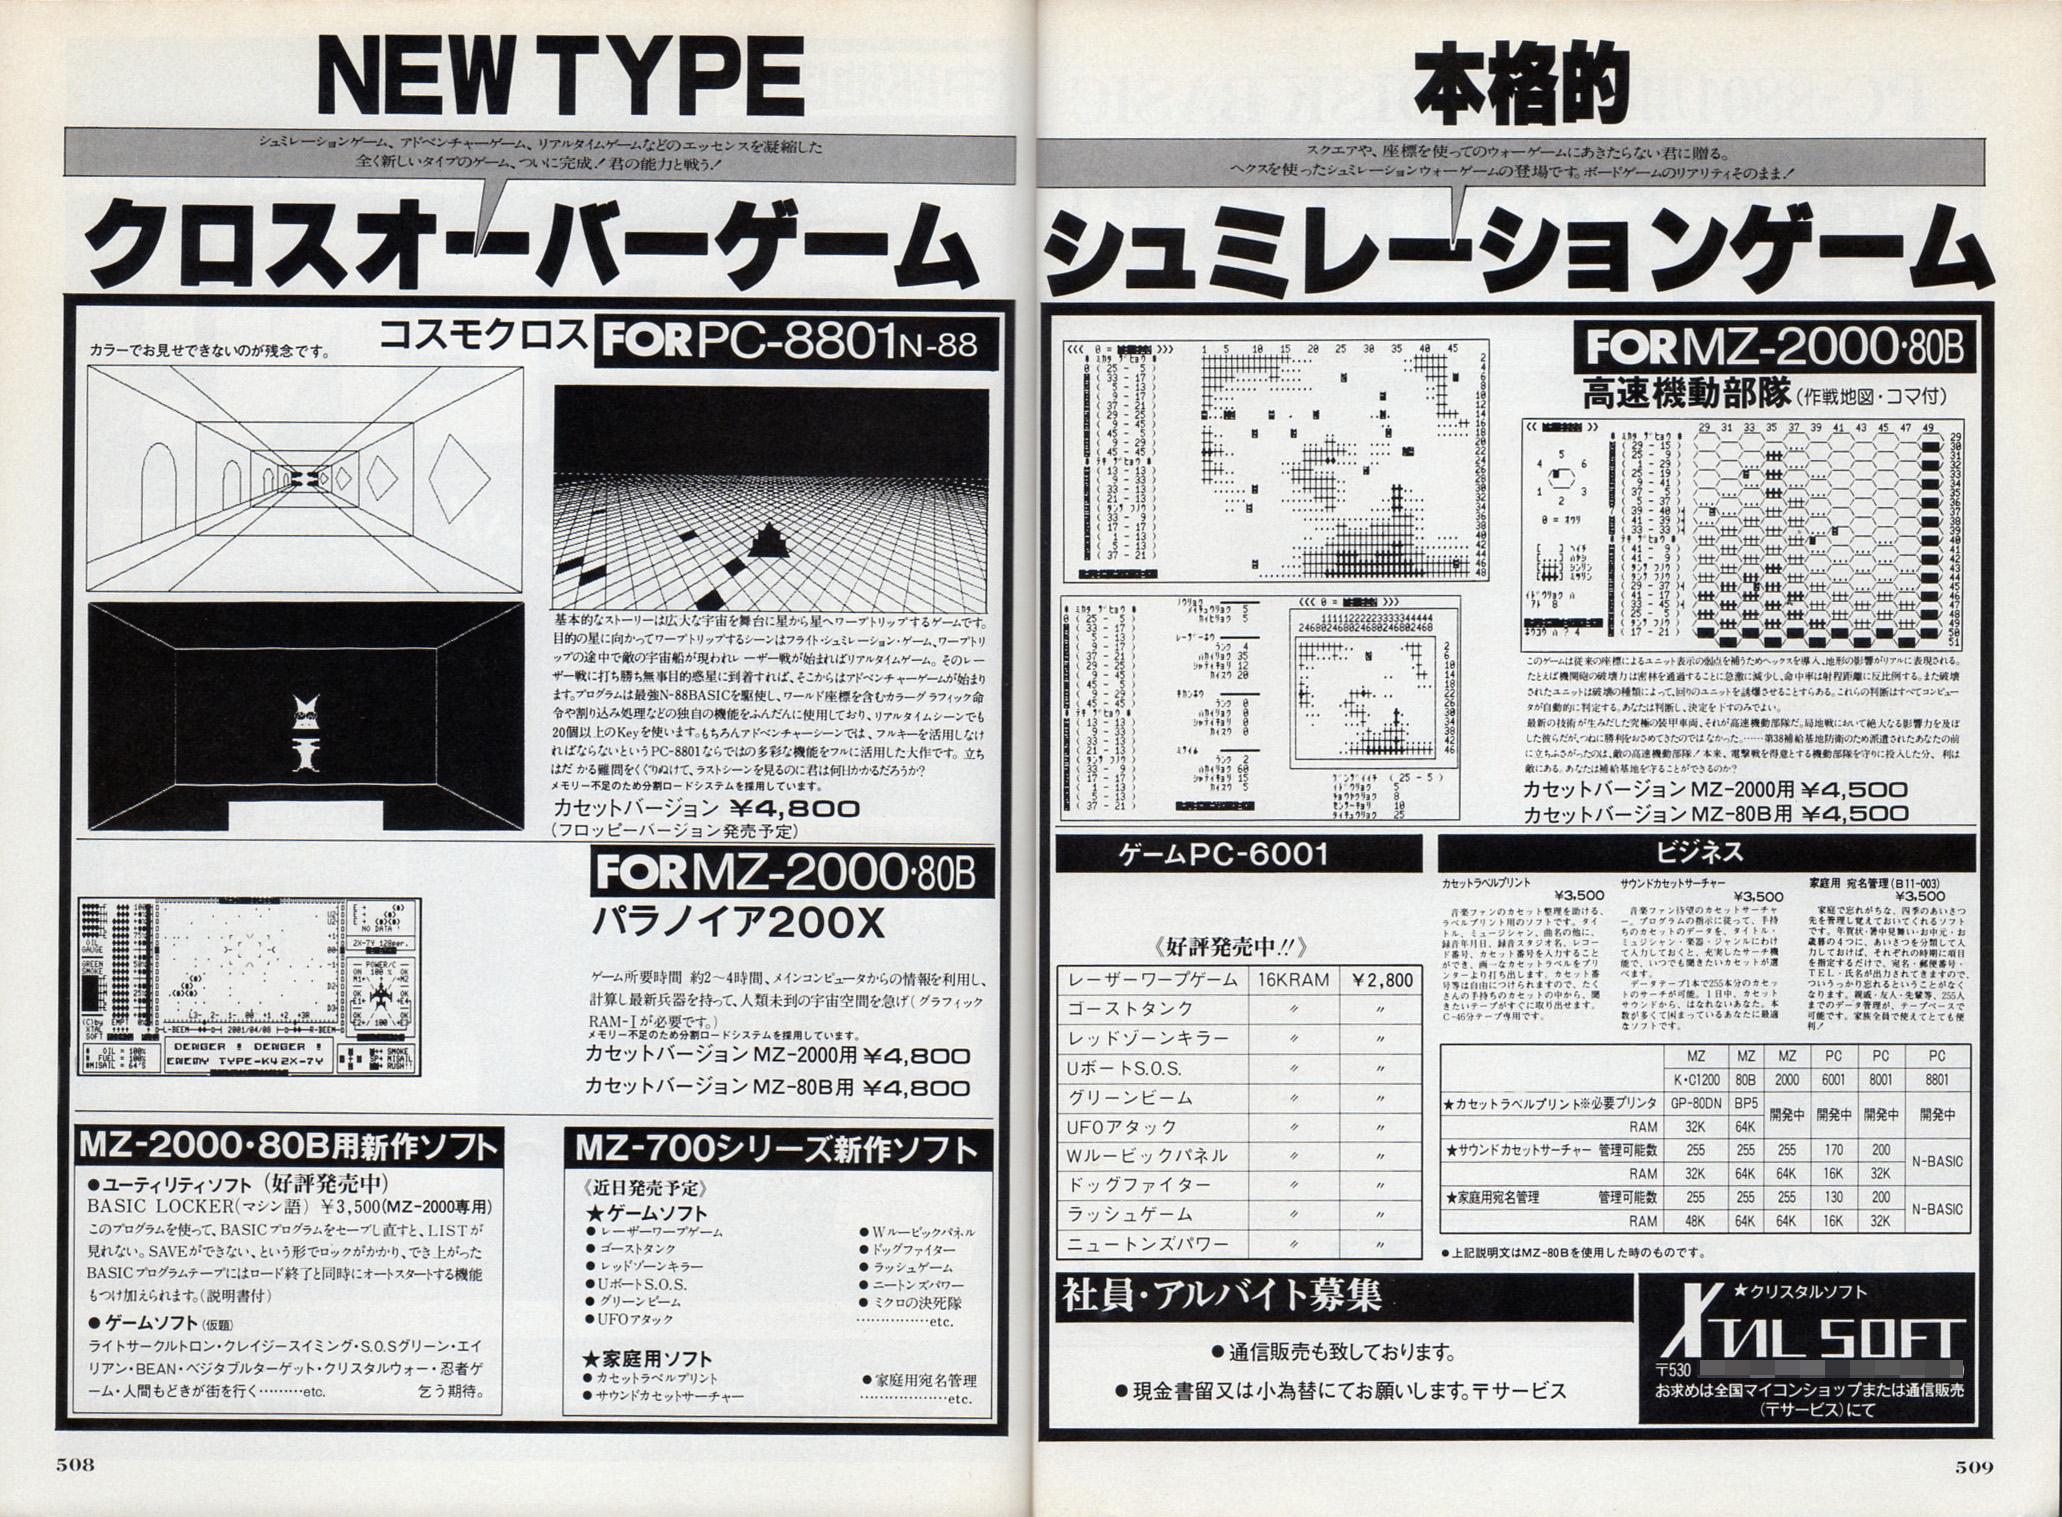 『パラノイア200X』は、『スタートレック』のように宇宙空間を飛び回り、敵を発見すると『コスモクロス』ライクなシューティングシーンへと変わるクロスオーバーゲームだ。対応機種がMZ-2000とMZ-80Bだけというのは珍しく、同じように対応機種がPC-6001のみというゲームも10本リリースしている。